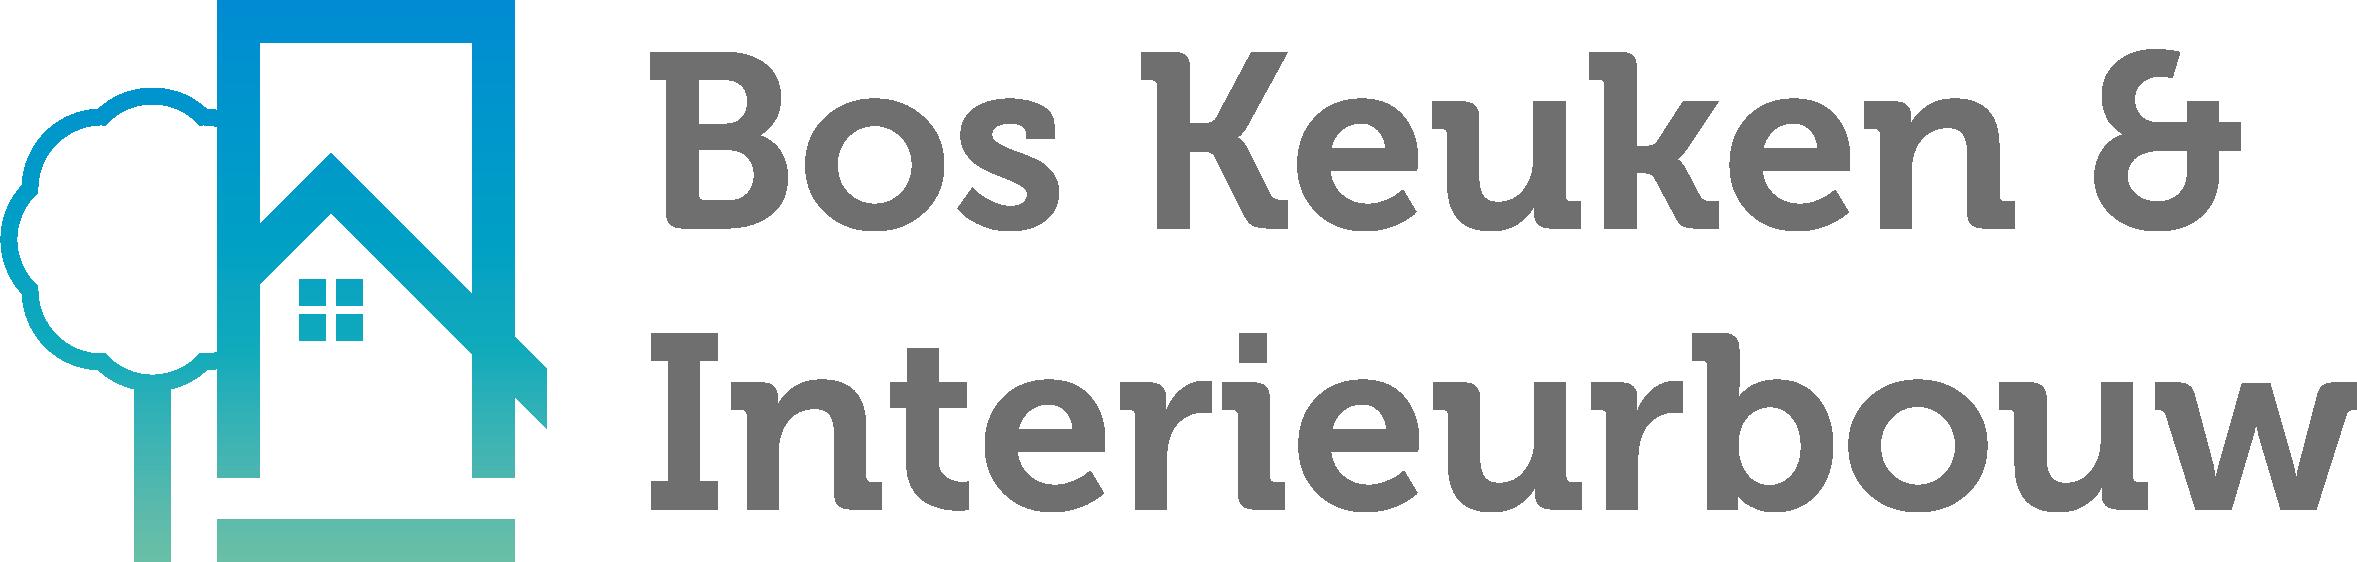 Bos-Keuken&Interieur_LOGO